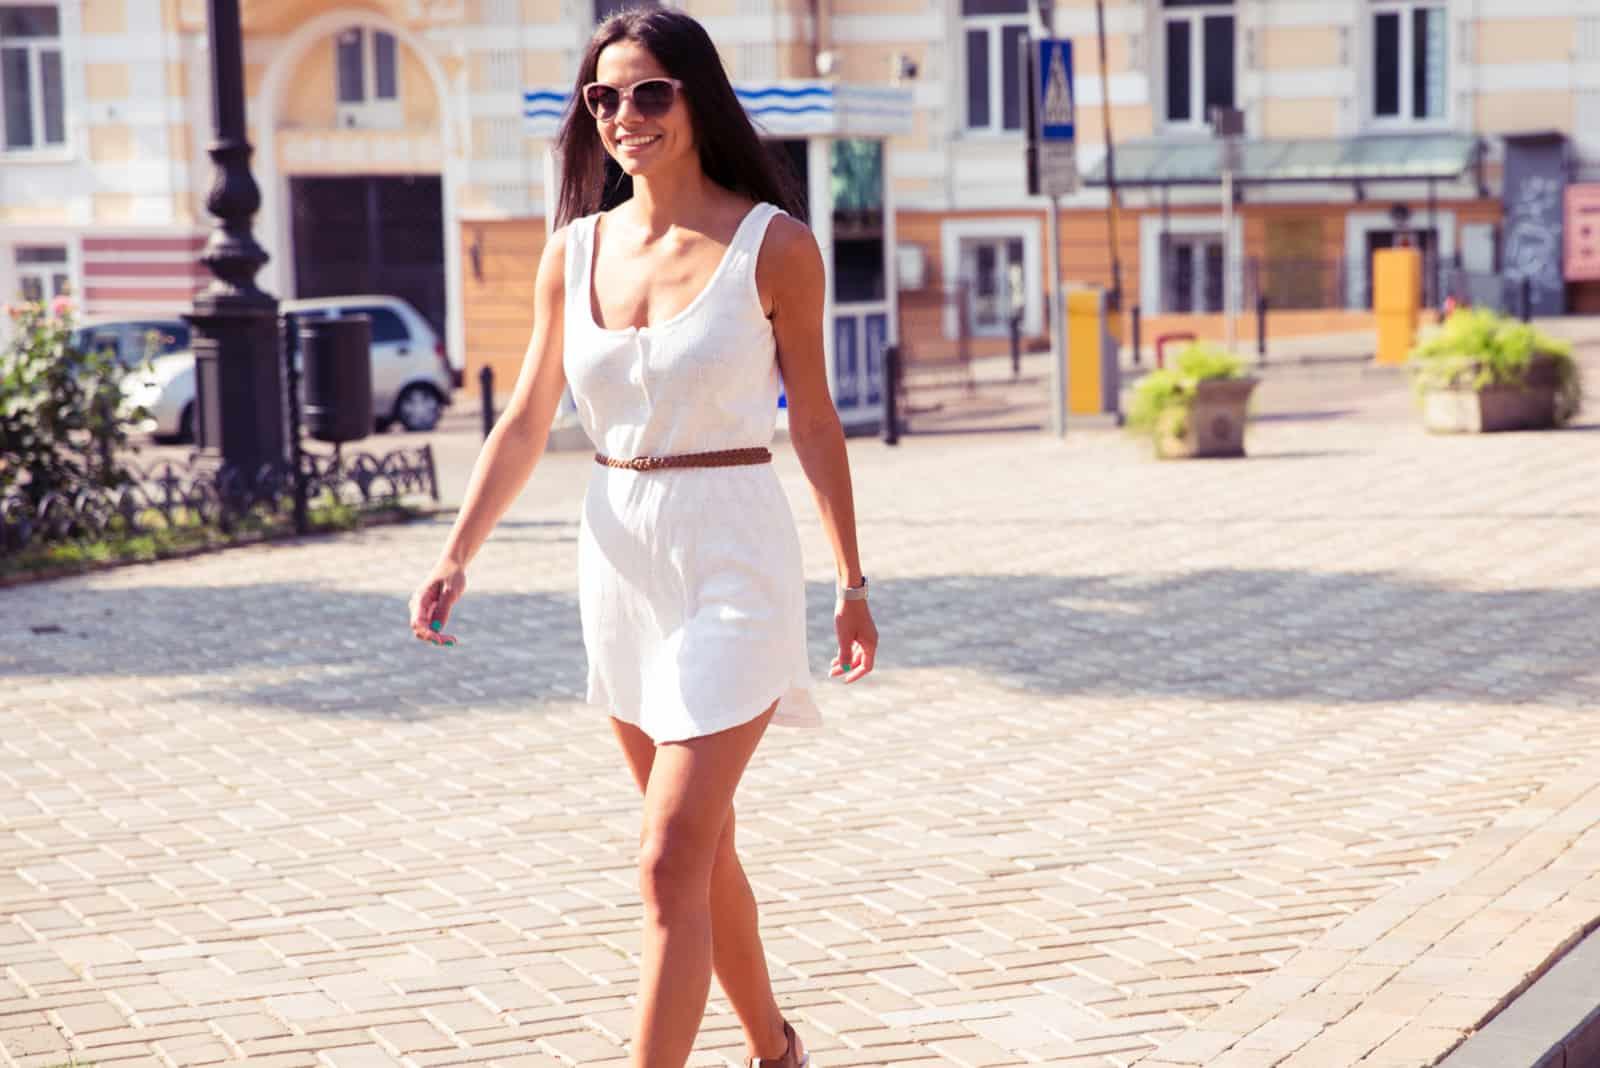 Une femme aux longs cheveux noirs dans une robe blanche marche dans la rue